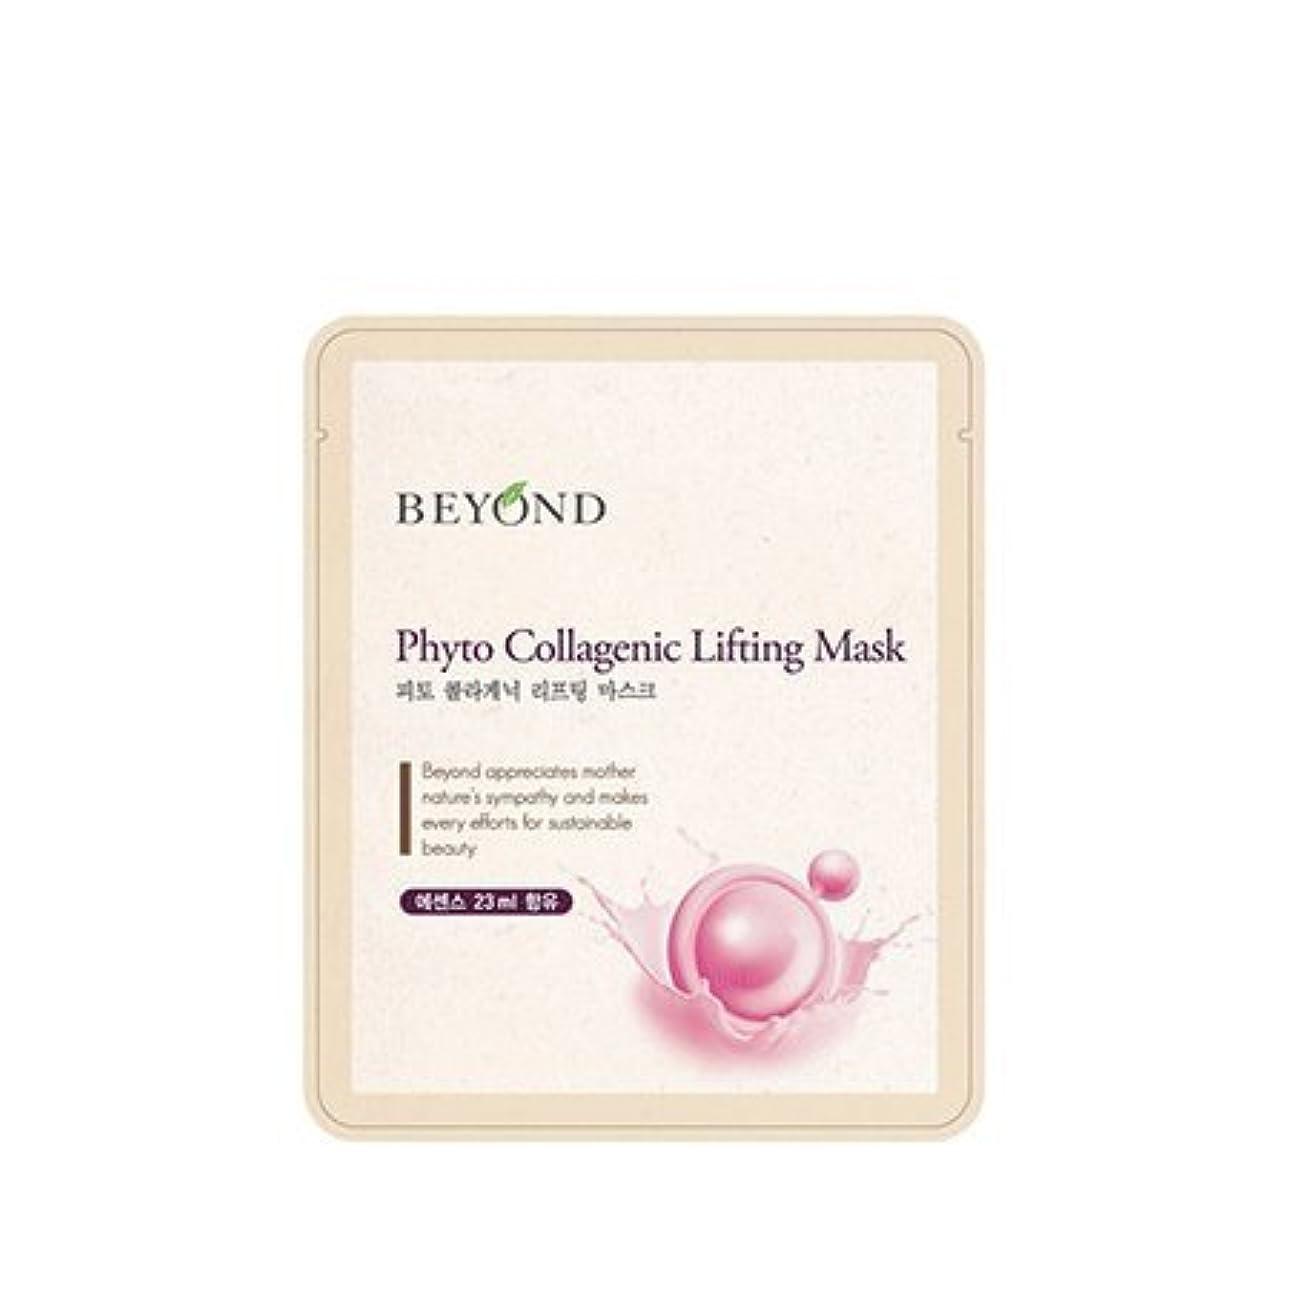 アレルギー候補者幻影Beyond mask sheet 5ea (Phyto Collagenic Lifting Mask)